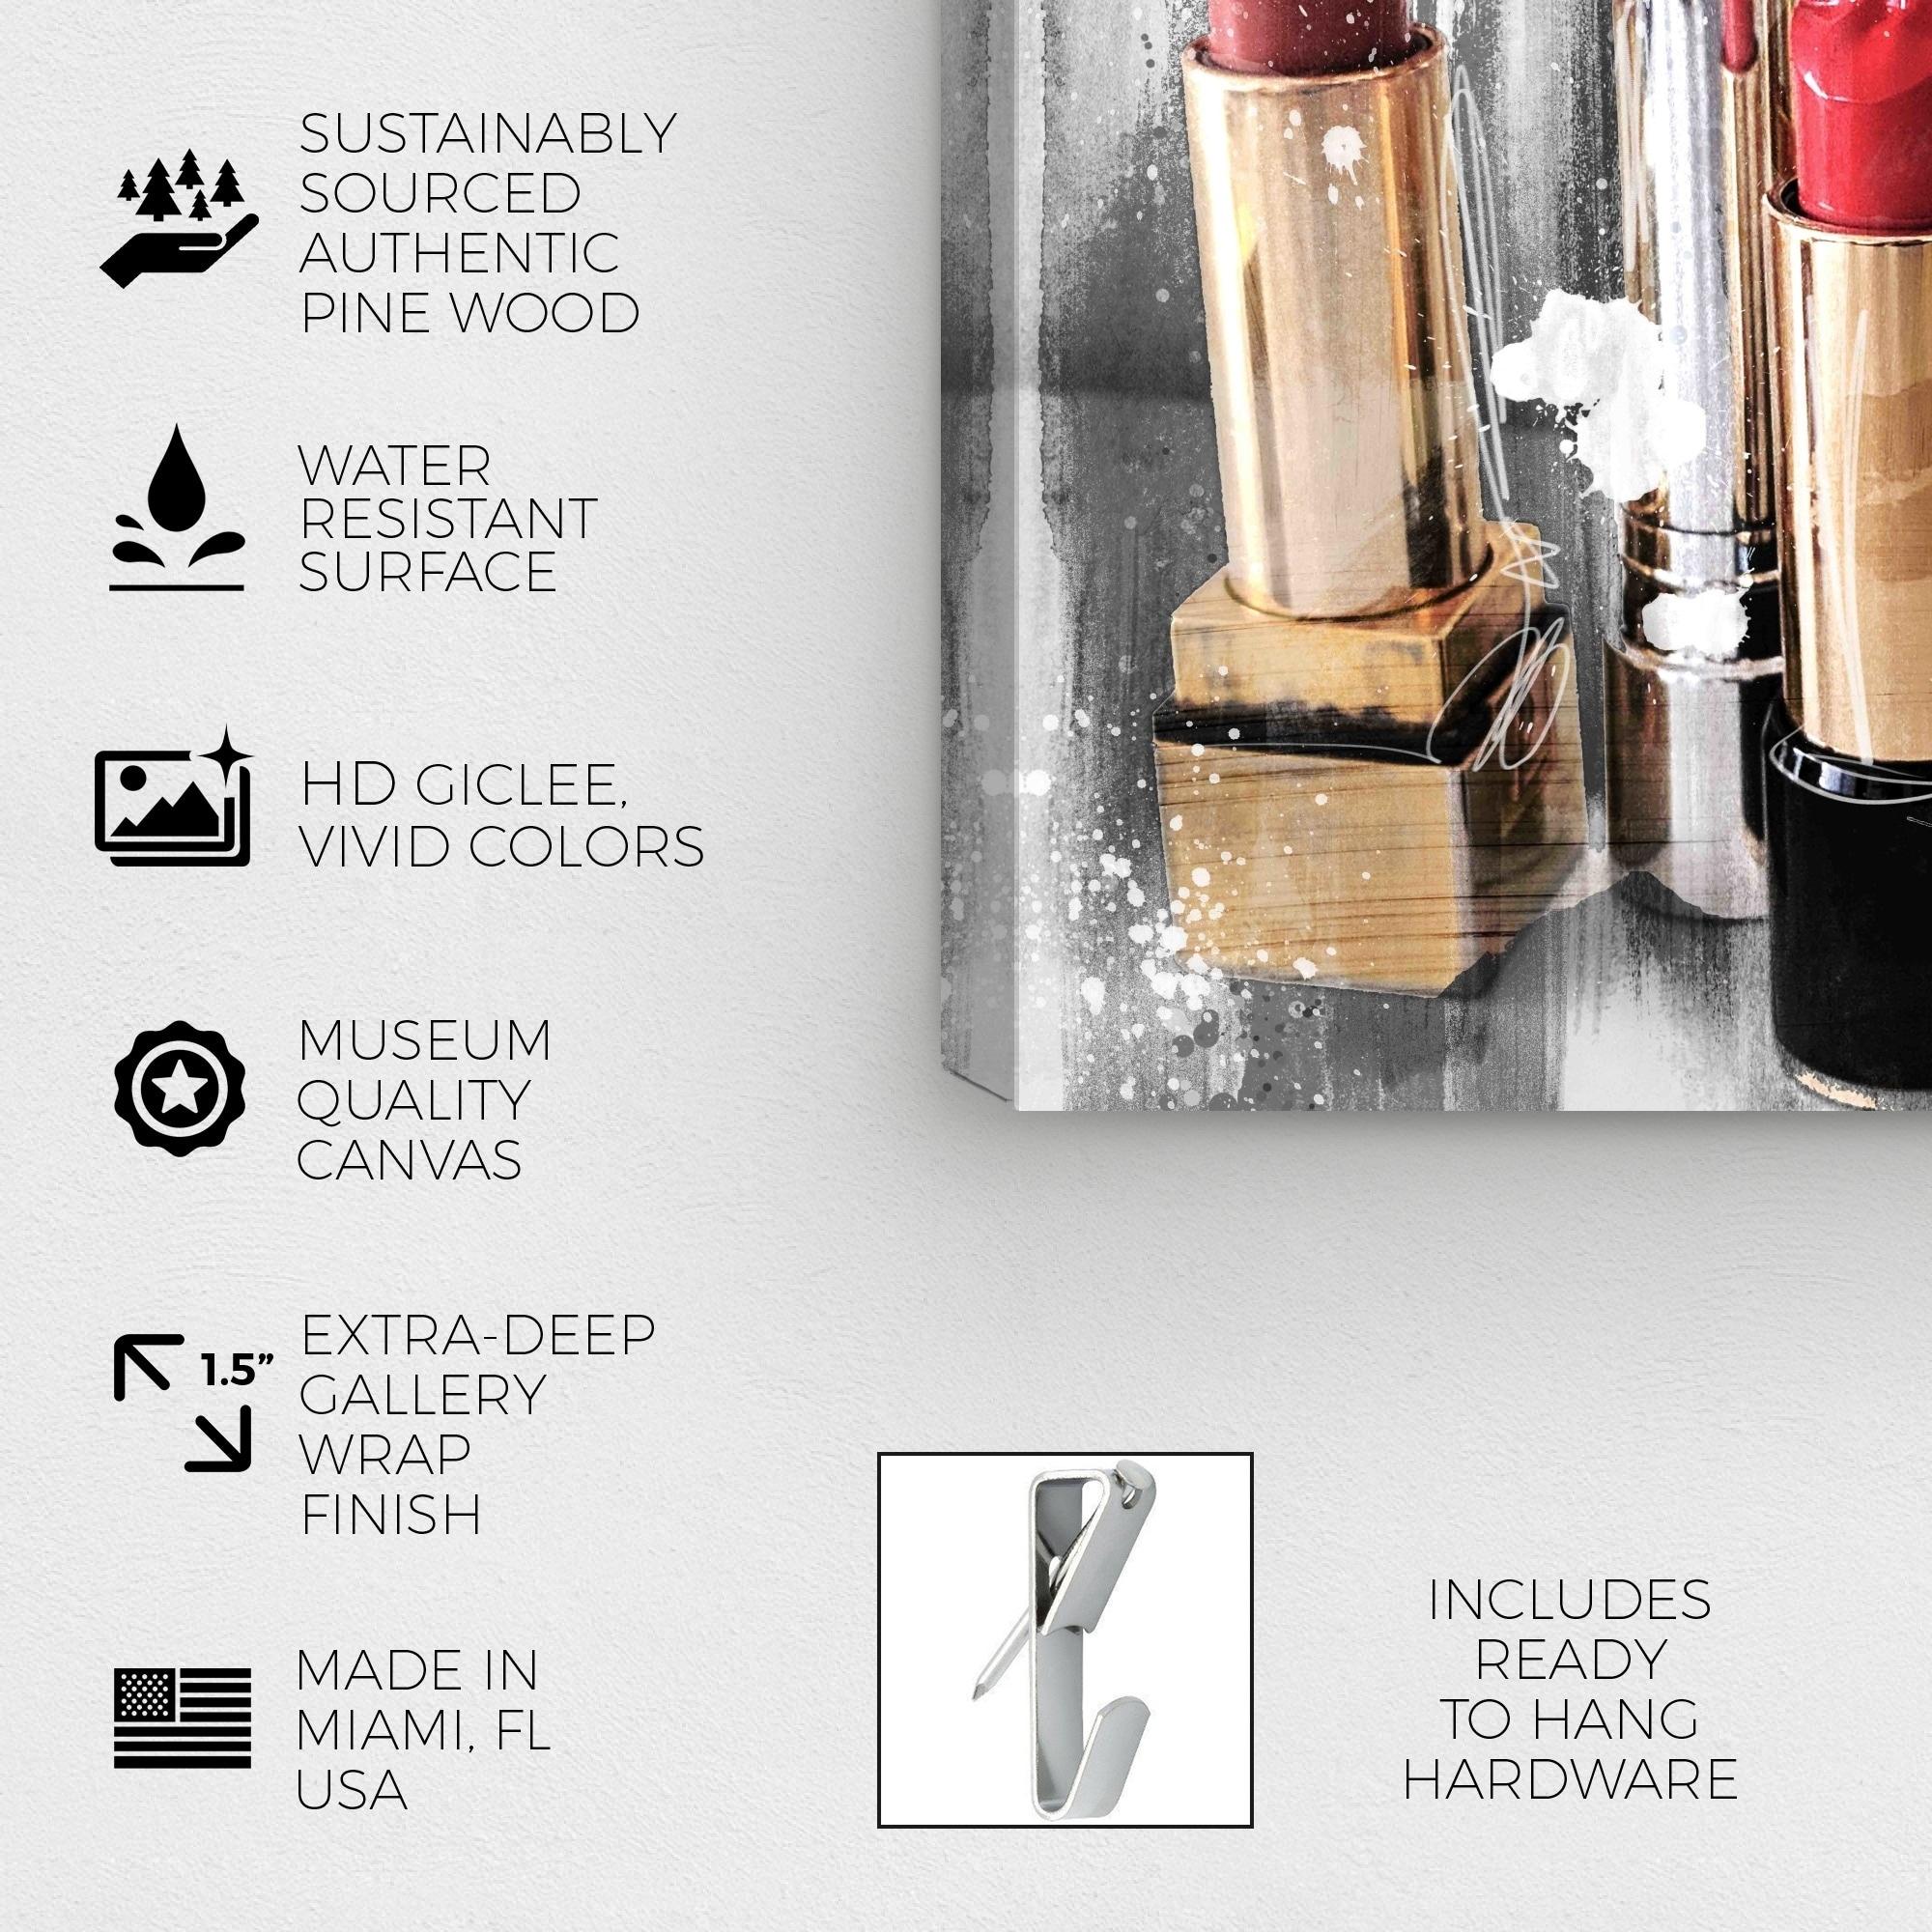 Makeup Artist Canvas Wraps